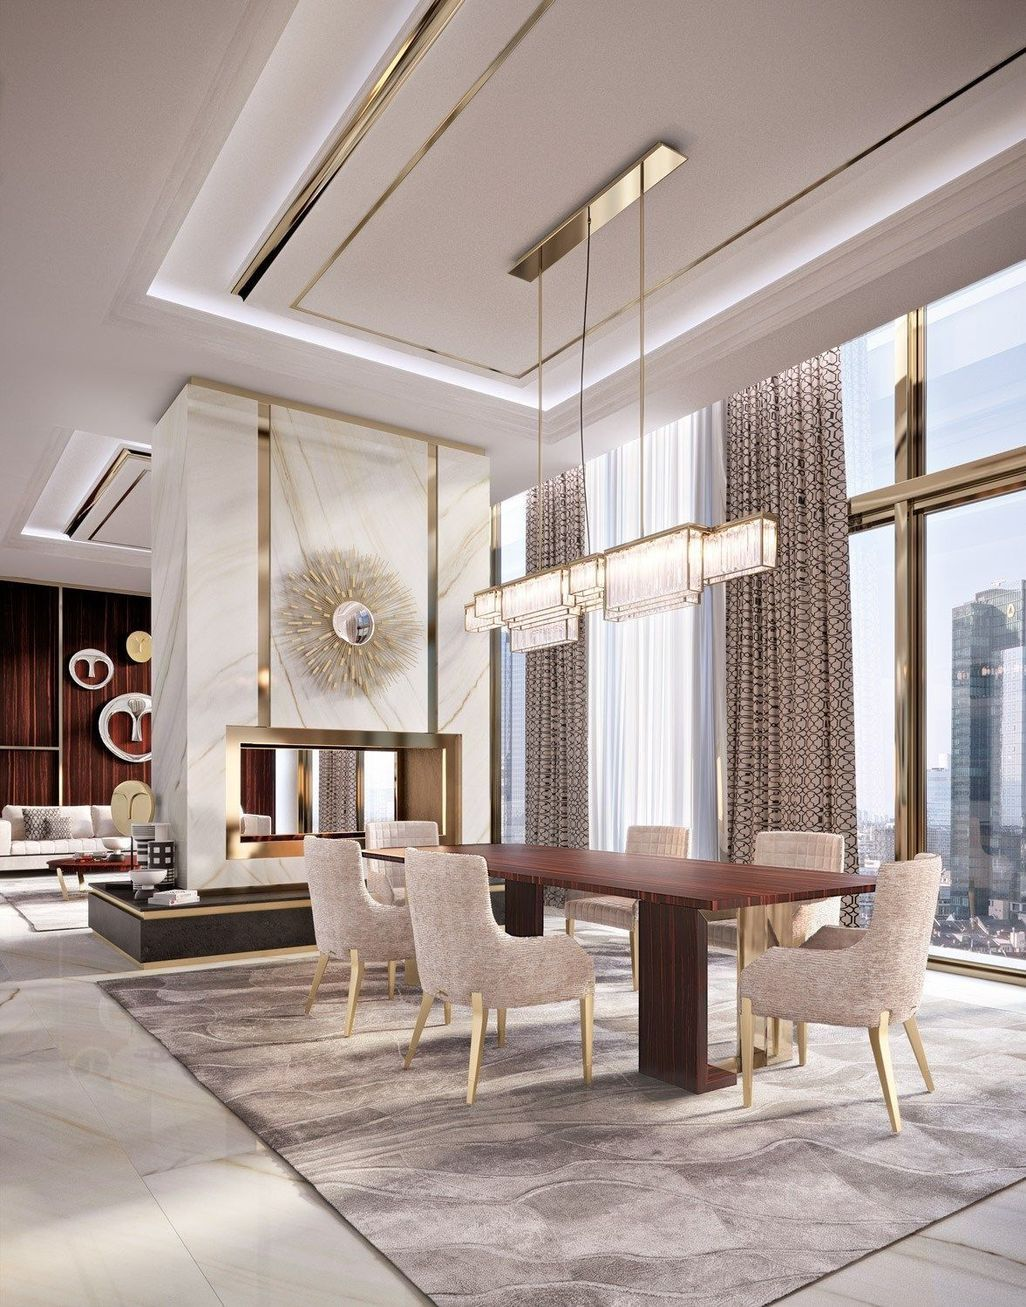 41 Luxury And Elegant Dining Room Ideas